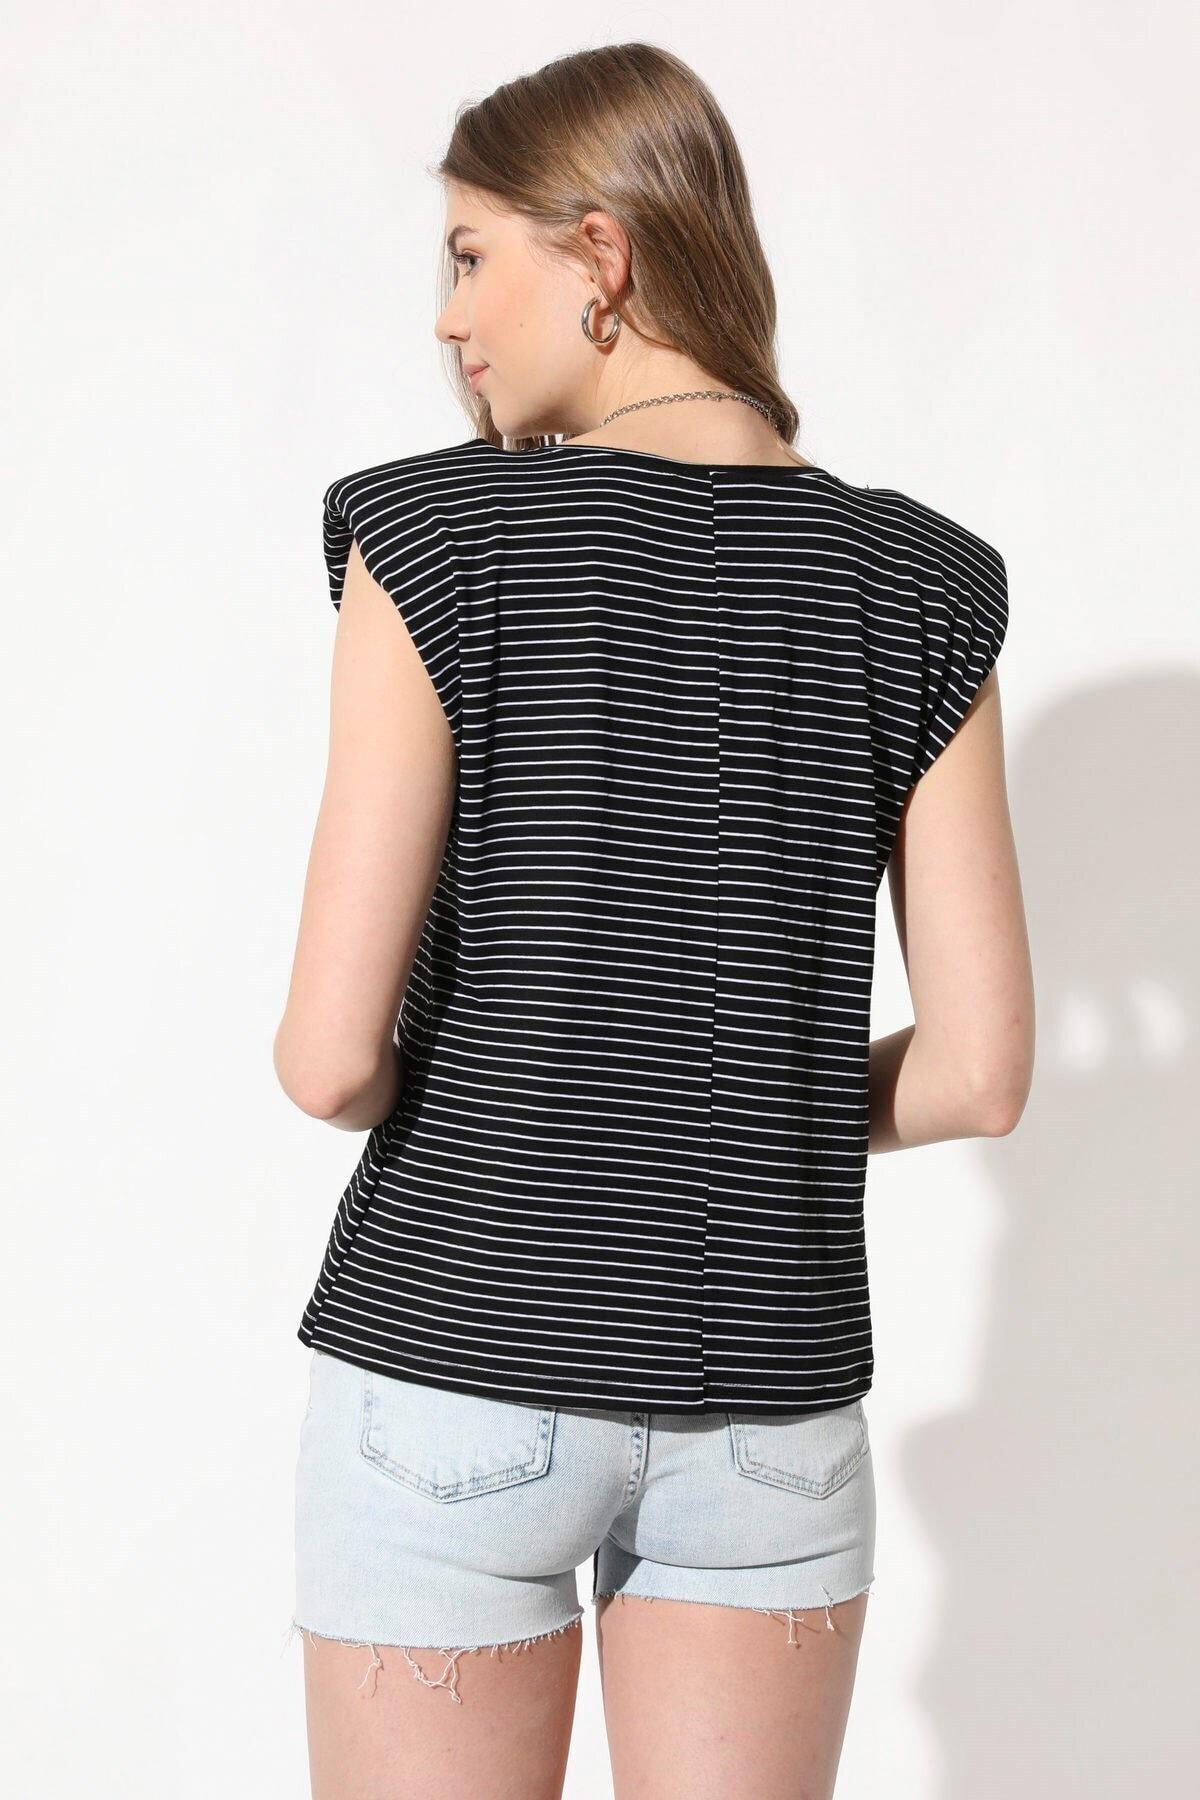 Üçel Life Kız Siyah Vatkalı Çizgili T-Shirt 2